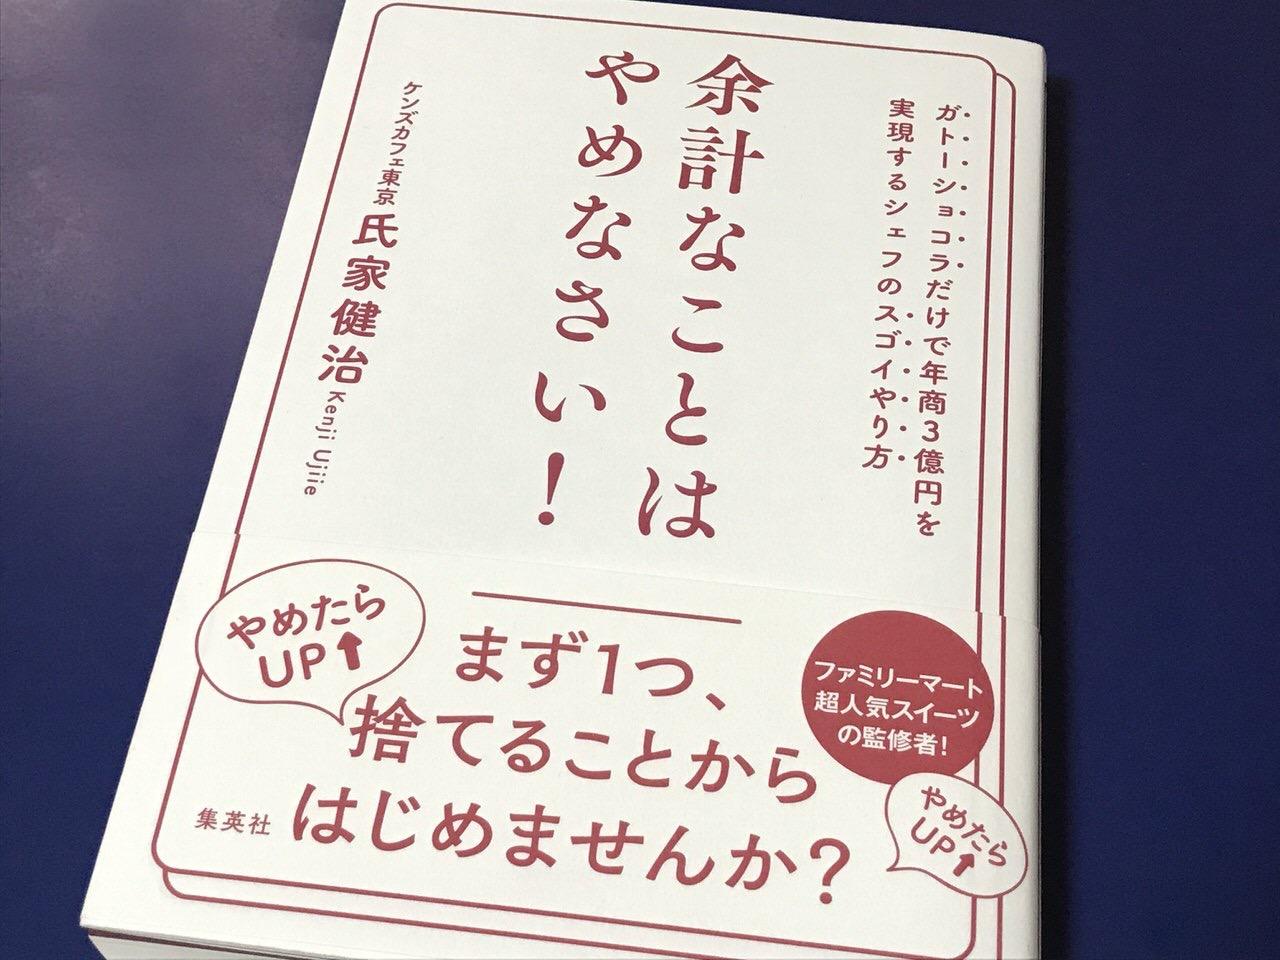 【書評】氏家健治「余計なことはやめなさい!ガトーショコラだけで年商3億円を実現するシェフのスゴイやり方」